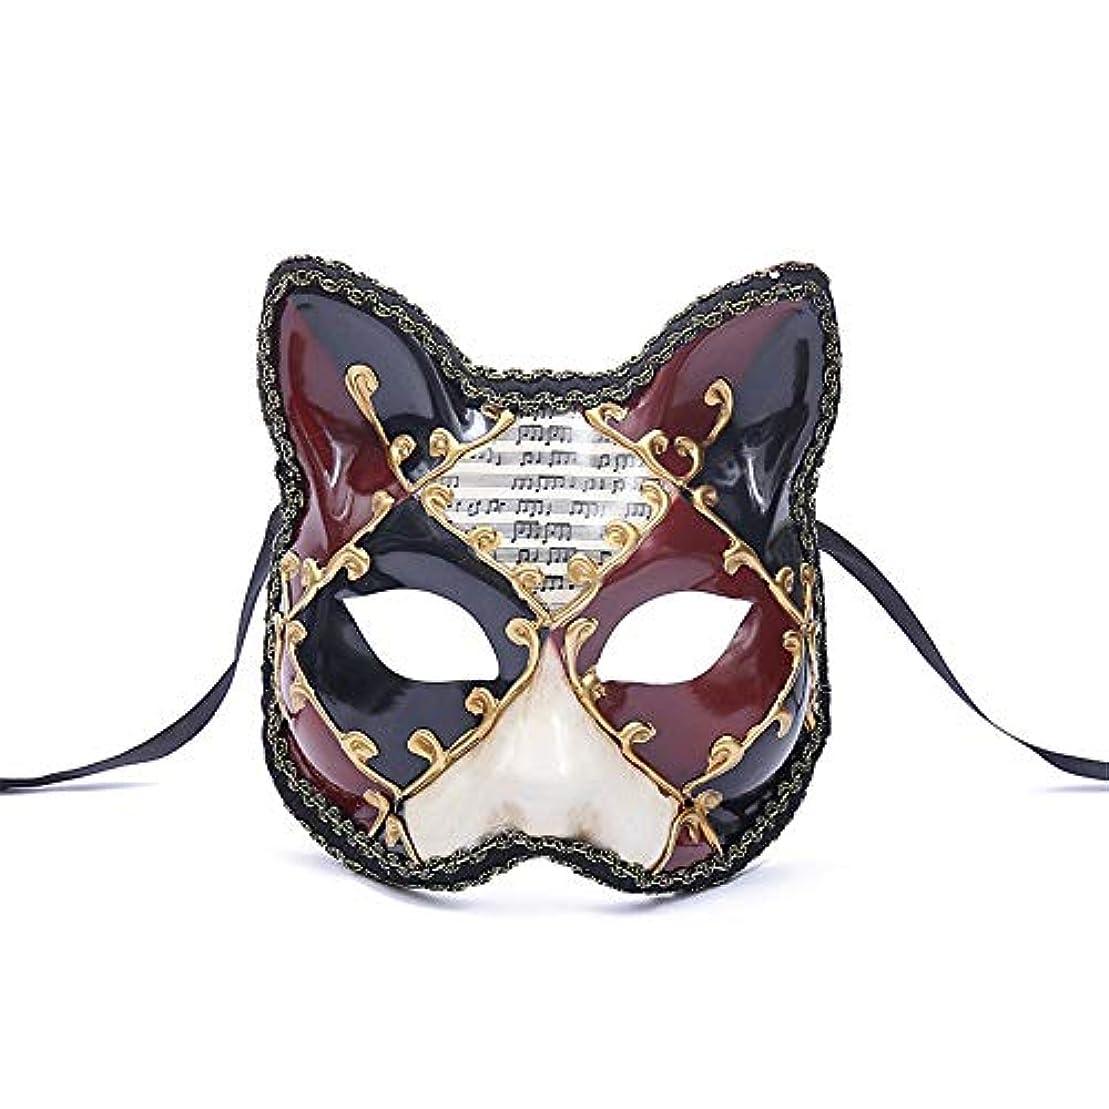 モーテルしょっぱい進捗ダンスマスク 大きな猫アンティーク動物レトロコスプレハロウィーン仮装マスクナイトクラブマスク雰囲気フェスティバルマスク パーティーボールマスク (色 : 赤, サイズ : 17.5x16cm)